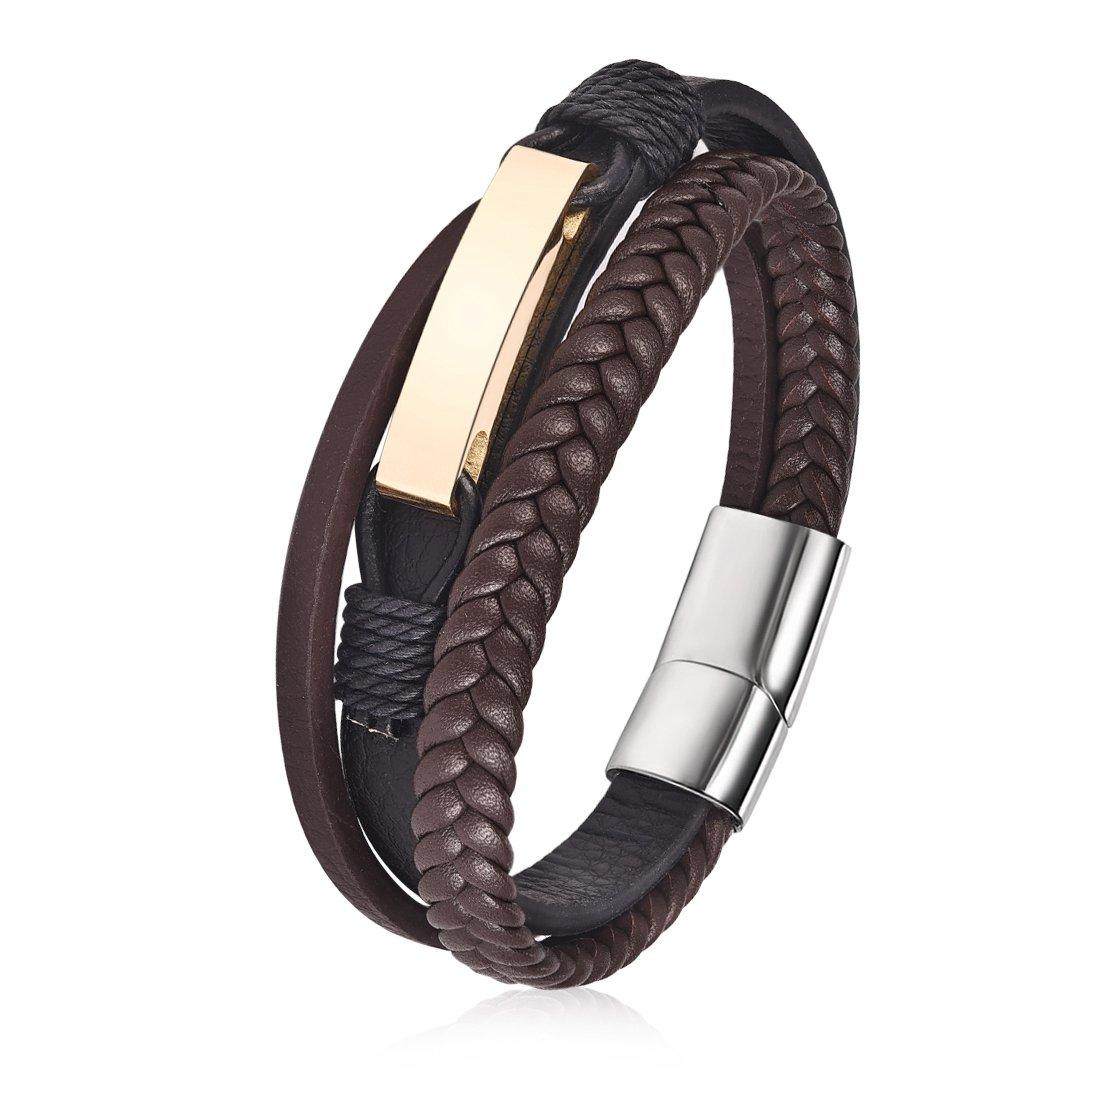 c87cc98f4fe4b DALARAN Bracelets de Lien Multicouche en Acier Inoxydable de Bracelet en  Cuir Brun pour Les Hommes Fermoir magnétique  Amazon.fr  Bijoux